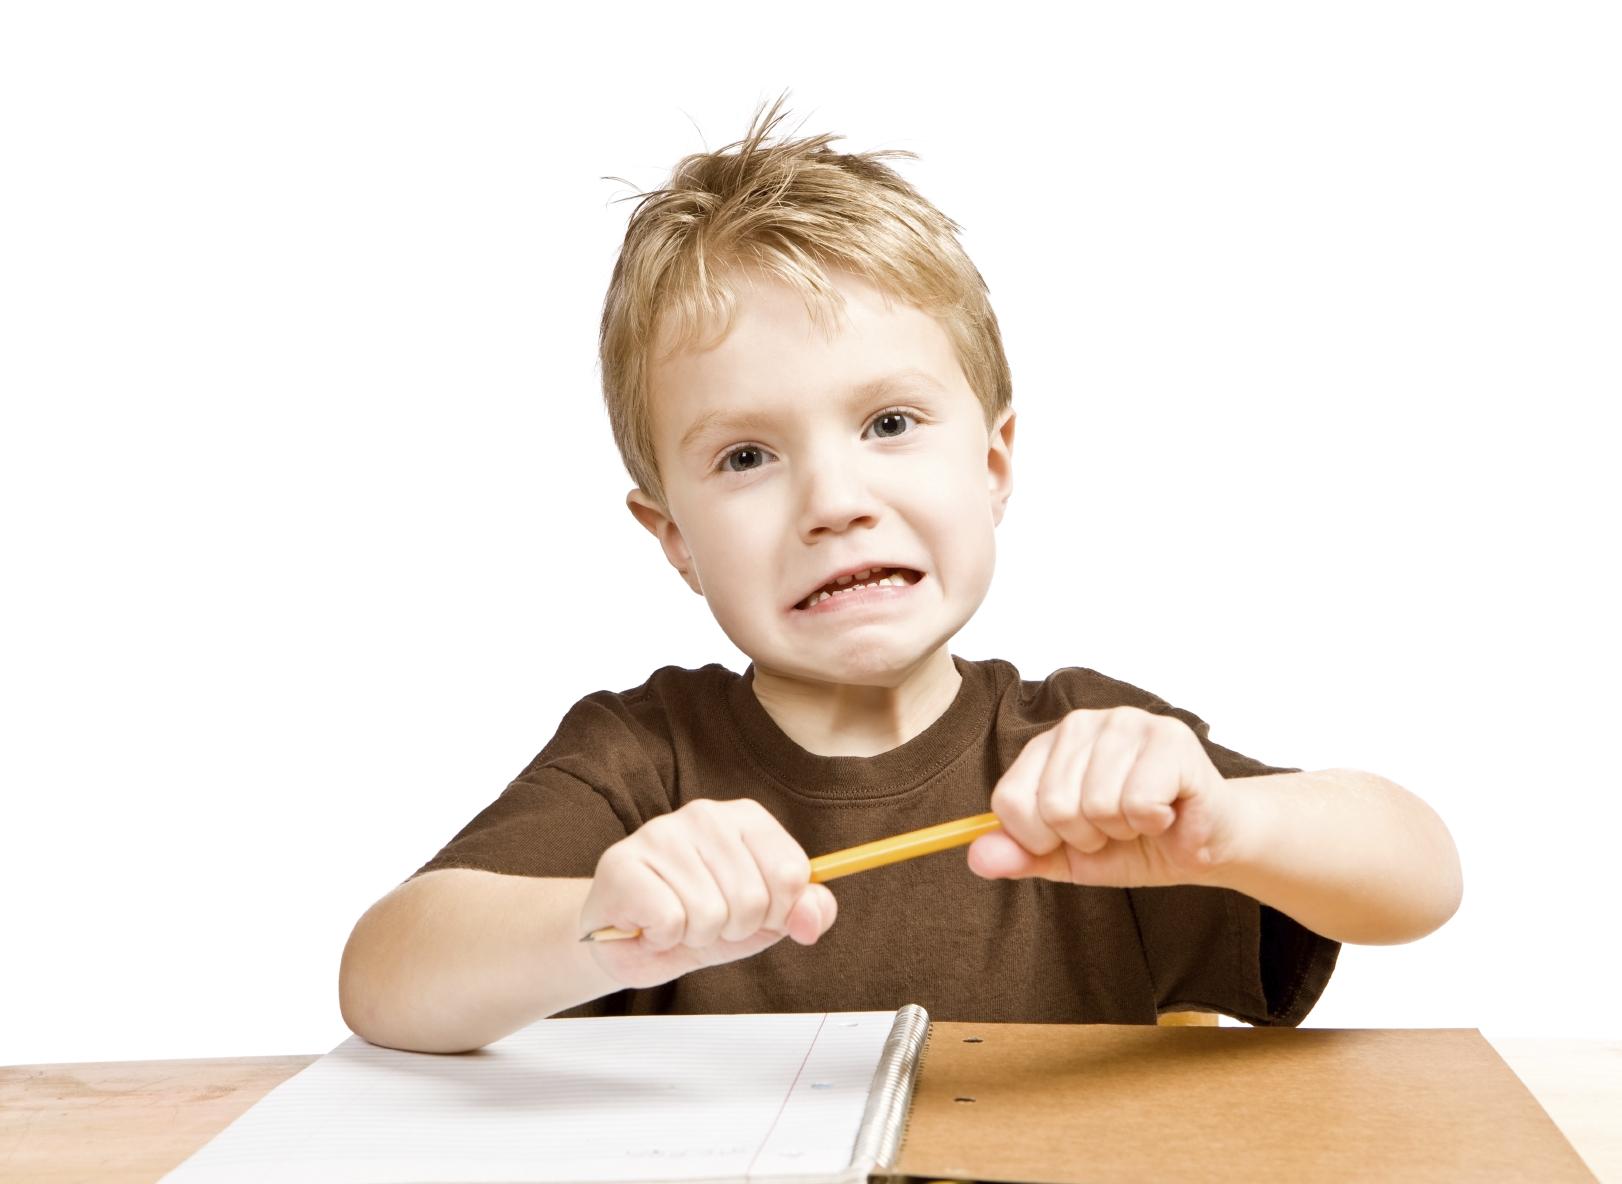 Τα παιδιά με ΔΕΠΥ δεν αναγνωρίζουν τις εκφράσεις θυμού;